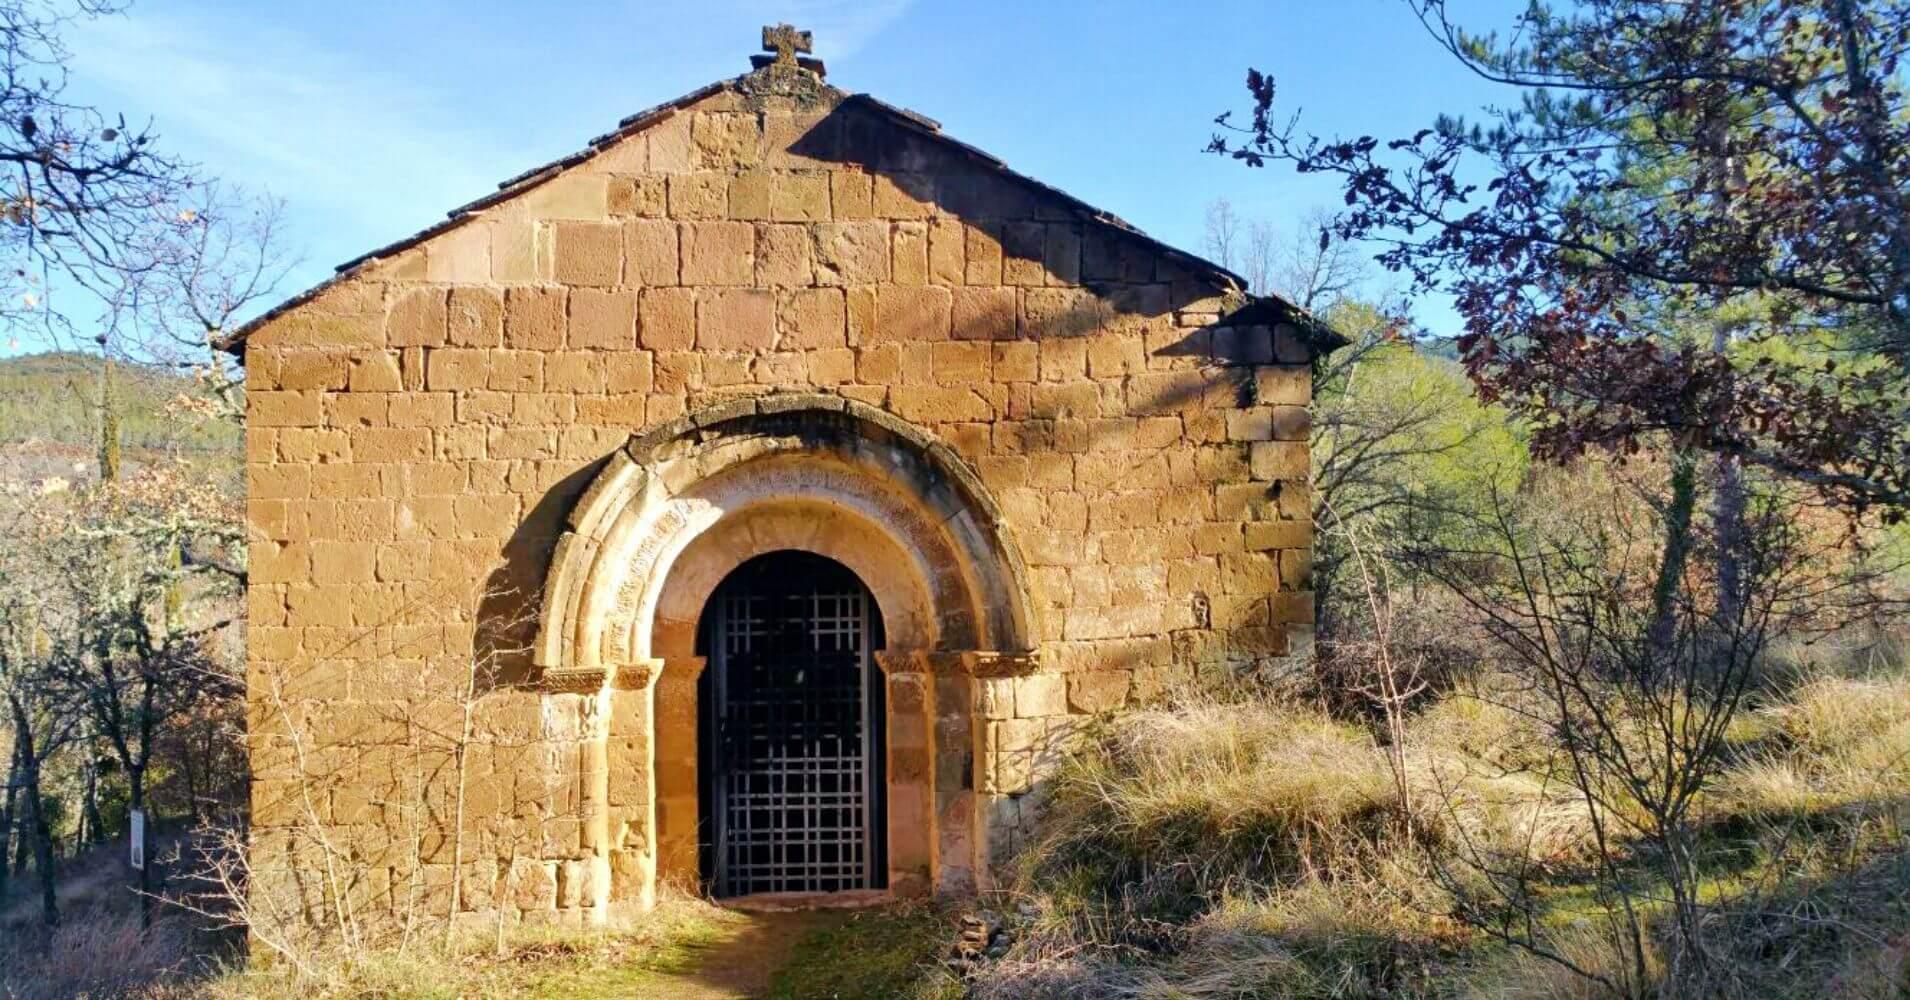 Undues de Lerda. Camino Santiago Aragonés 4. Zaragoza, Aragón.